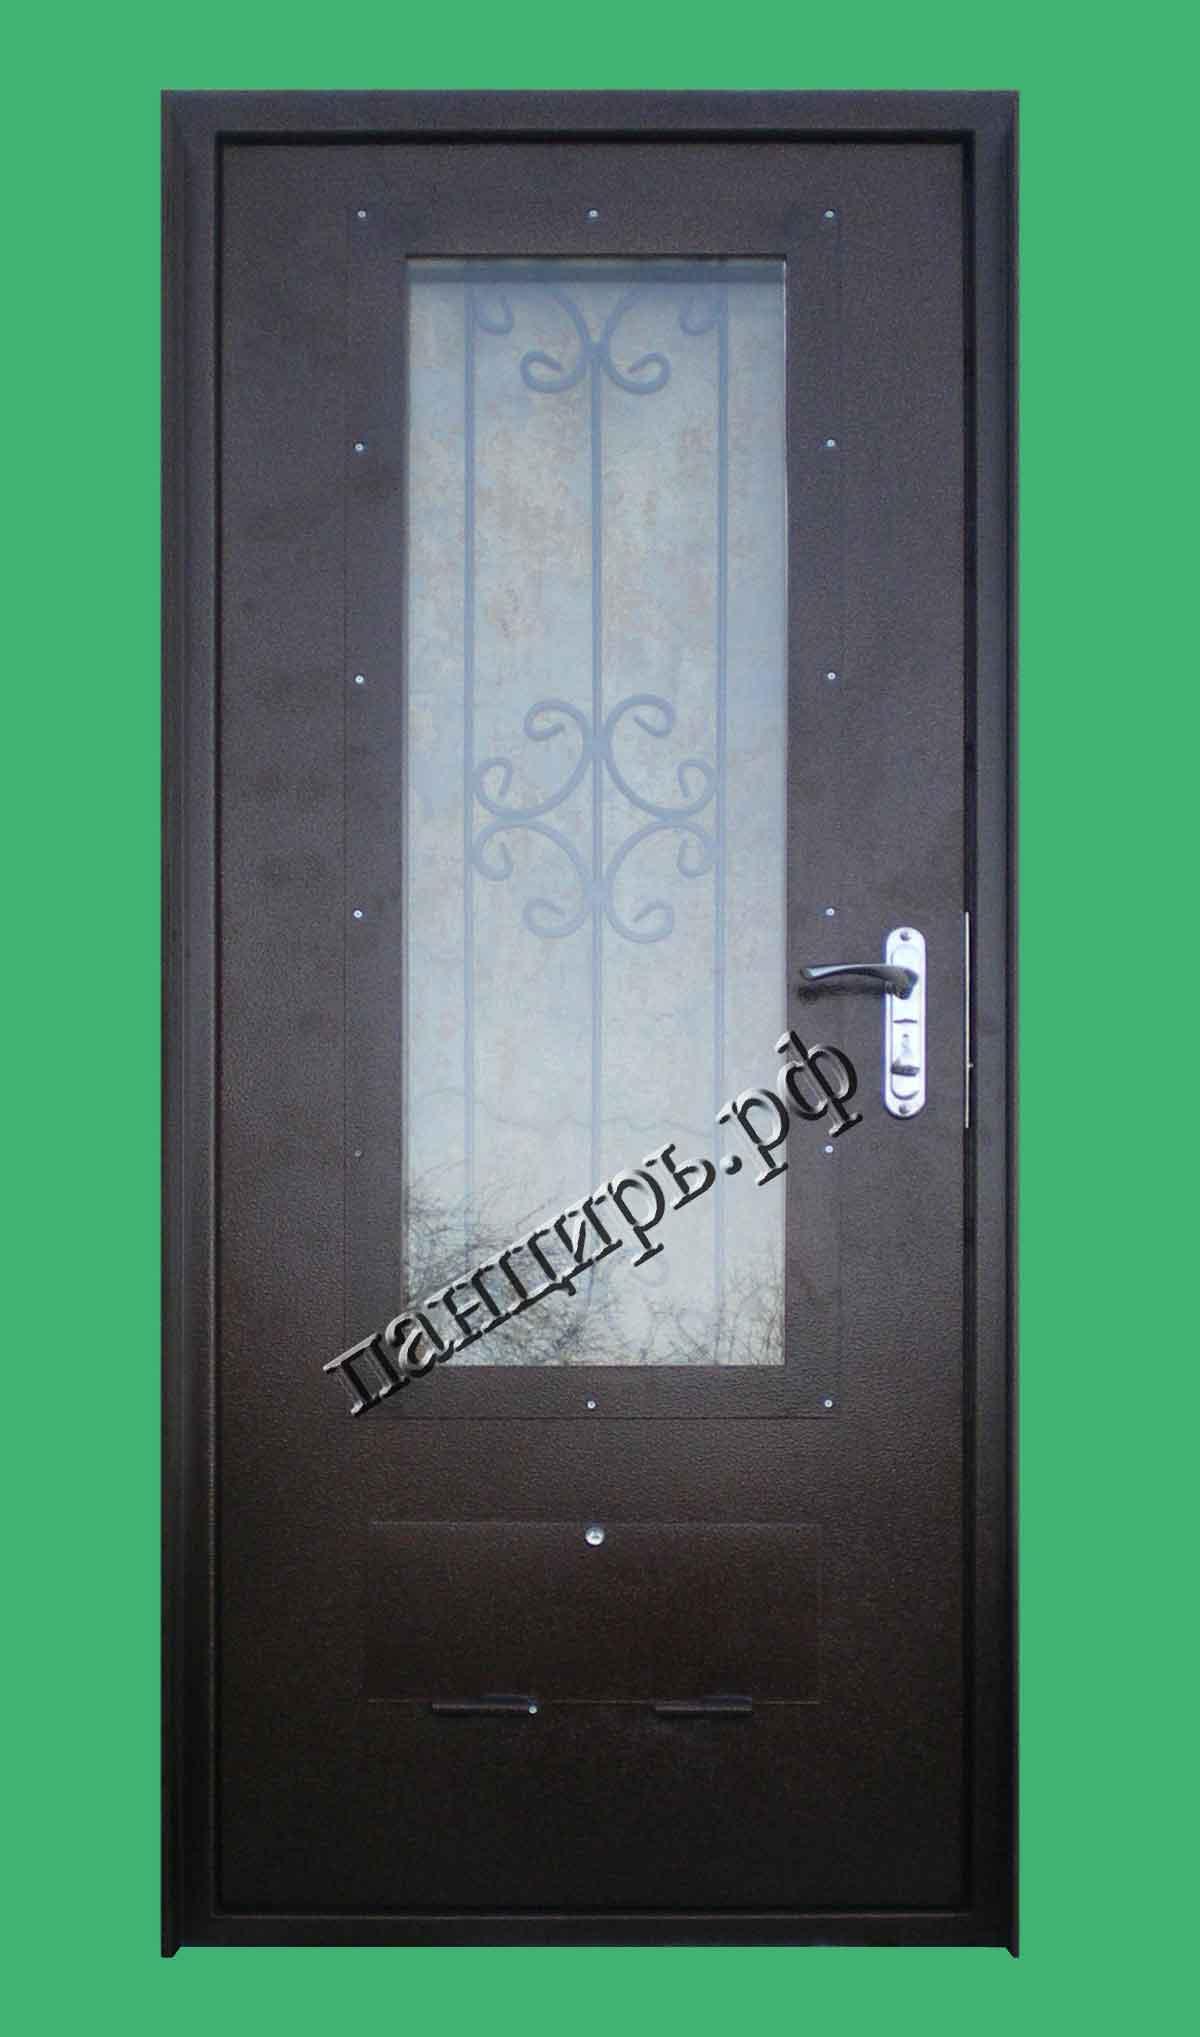 Металлическая дверь в котельную 900х2100мм, с окном и приточными отверстиями